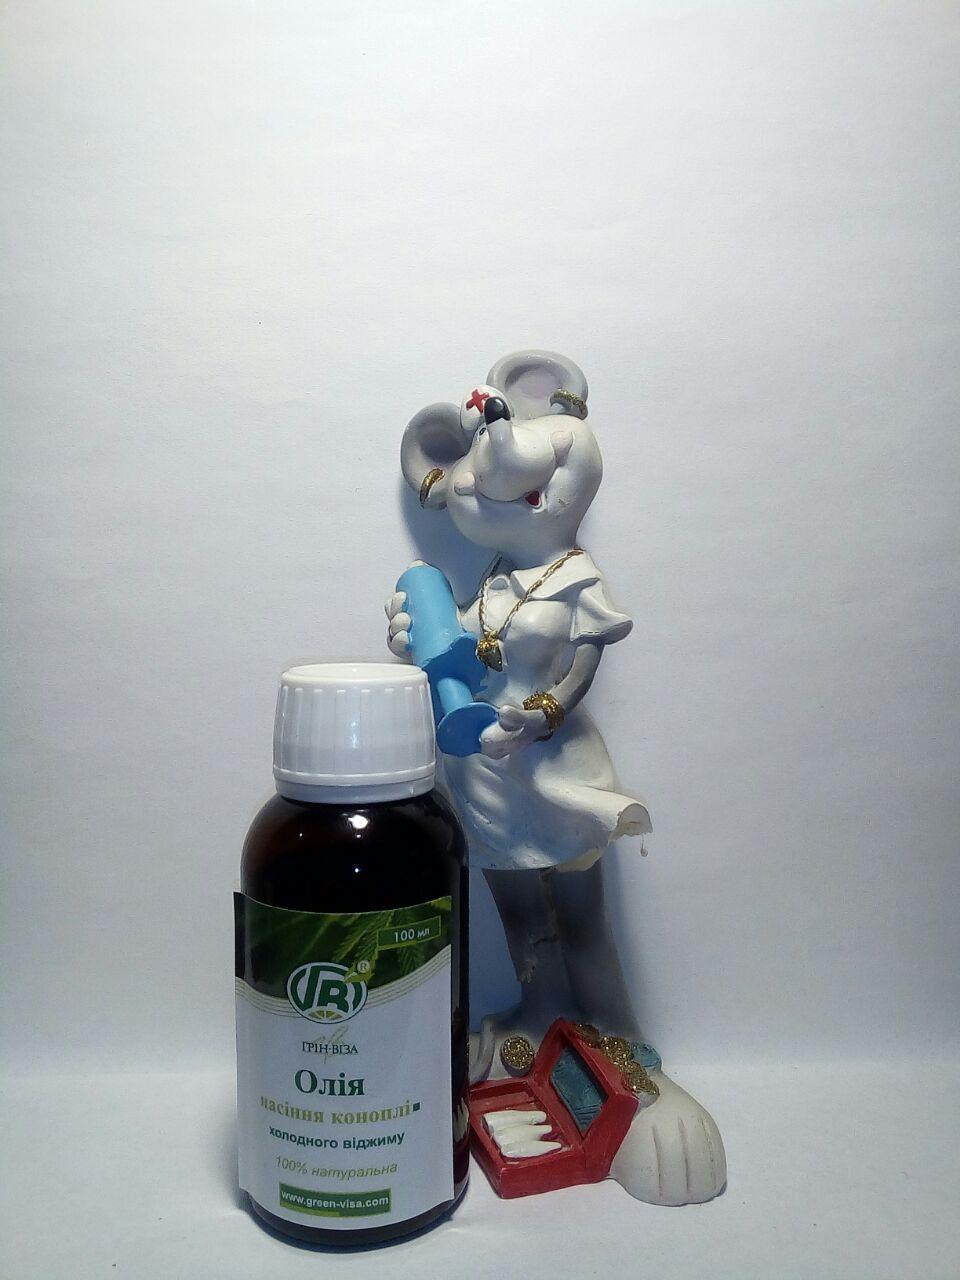 Покупаете масло конопли как источник полненасыщенных жирных кислот в дополнительное питание